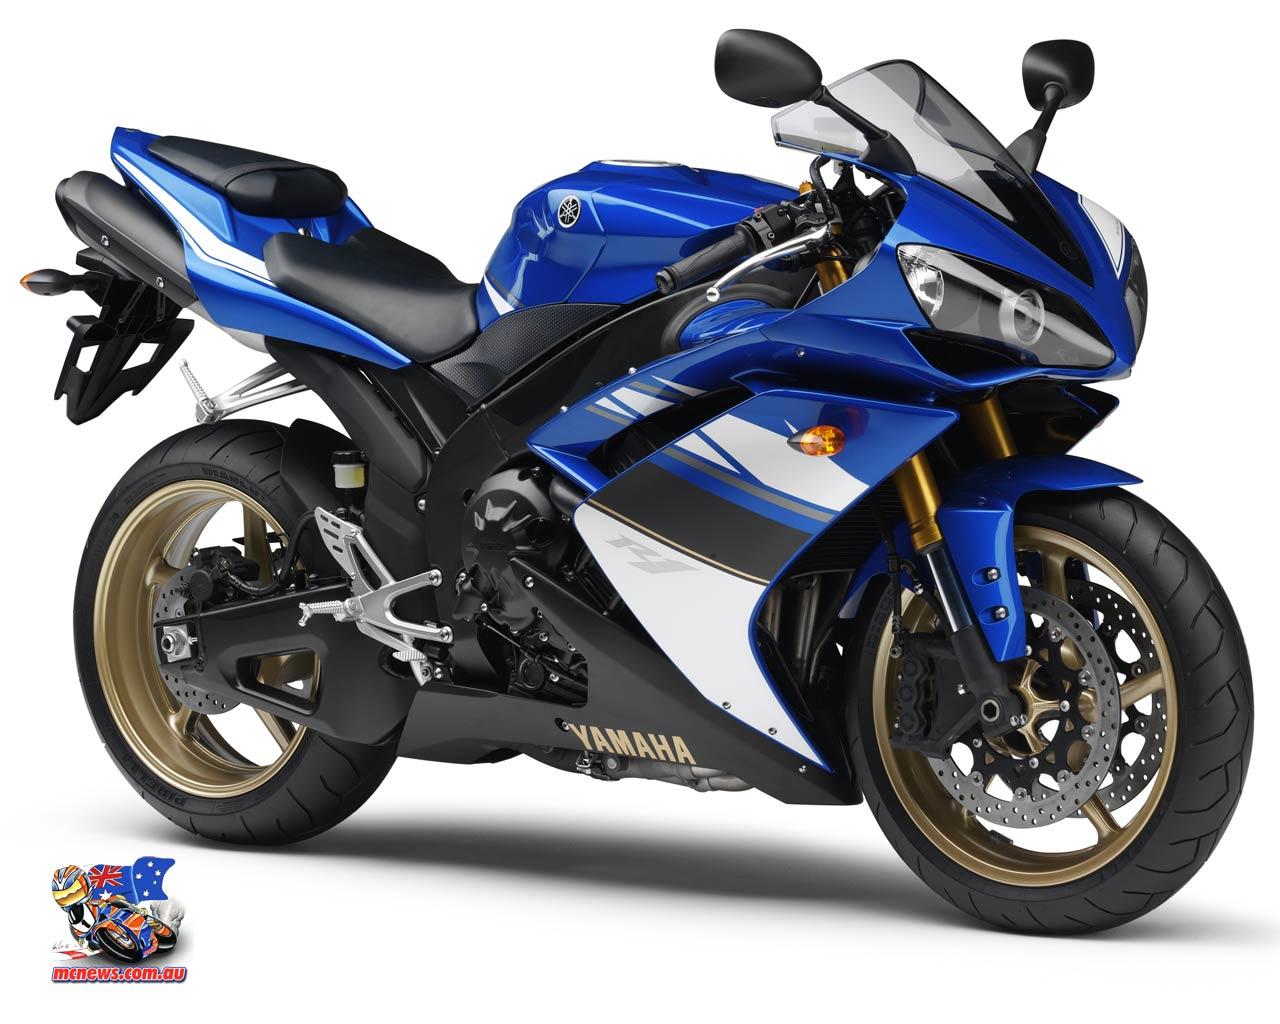 Yamaha R1 Wallpapers 1280x1024